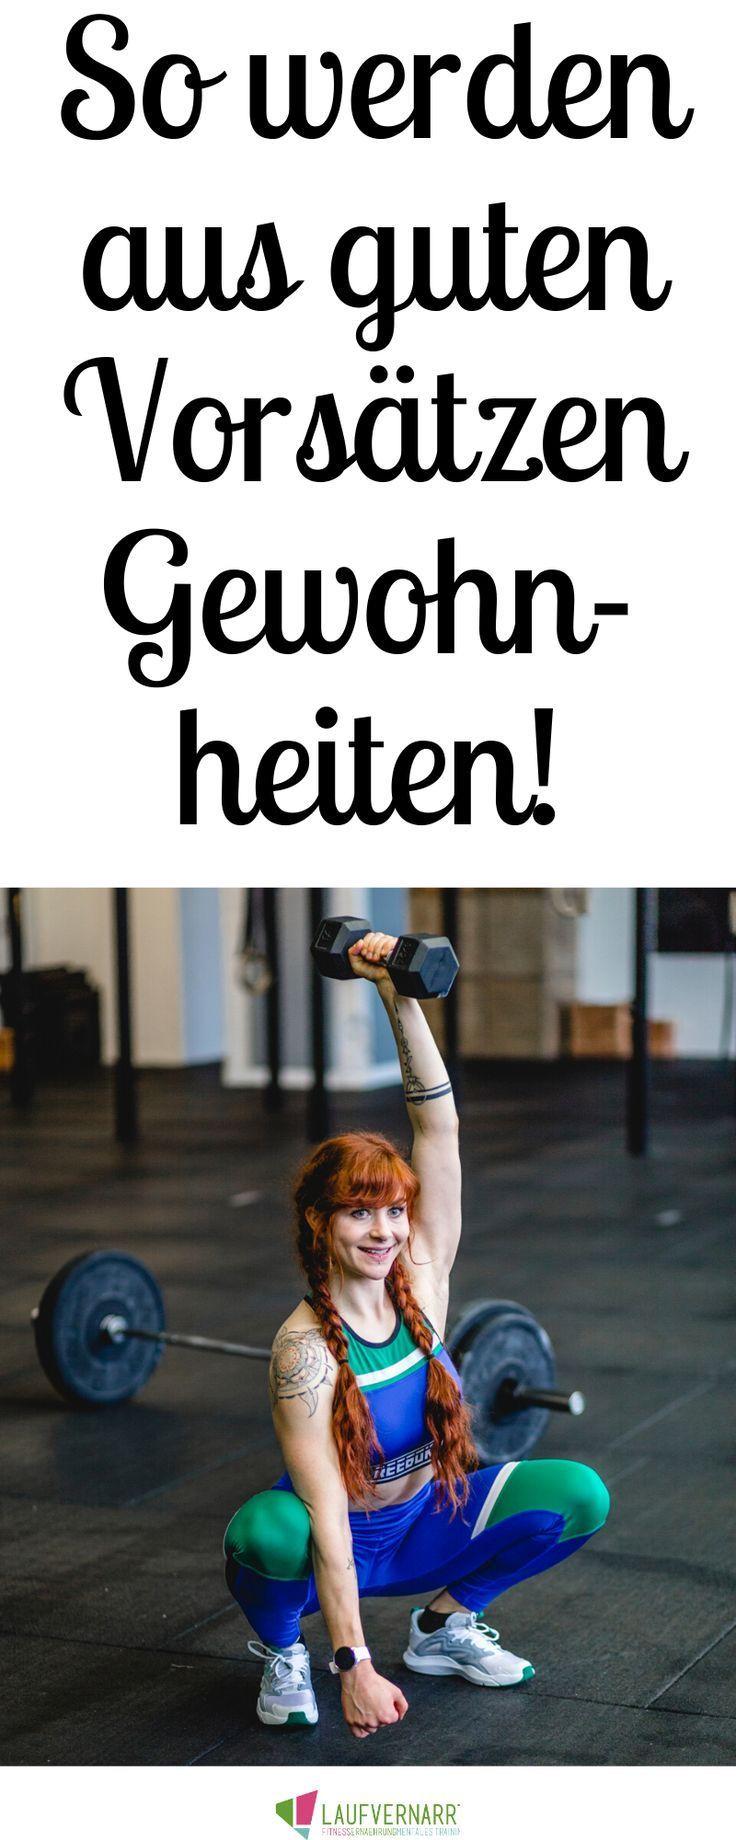 Laufvernarrt - Fitness, gesunde Ernährung und Selbstliebe (laufvernarrt) on Pinterest Gewohnheiten s...